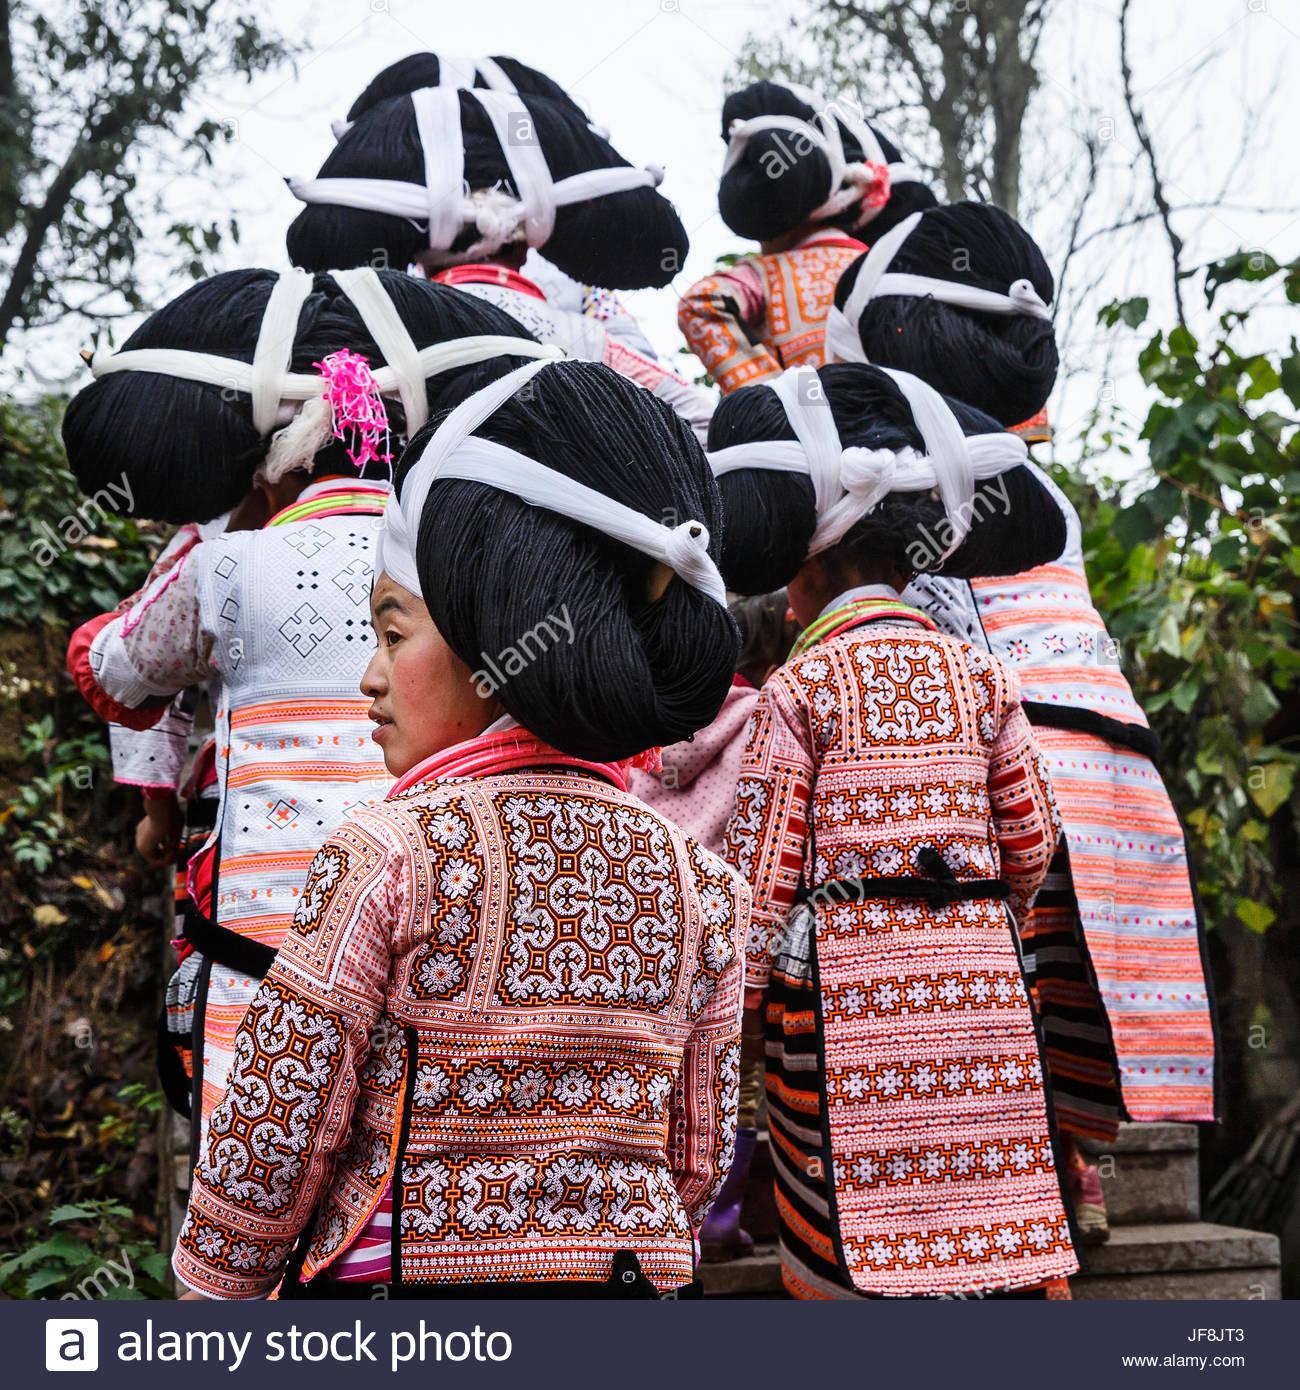 Las mujeres de la de cuernos largos en un grupo étnico minoritario Miao Gaoxing village. Imagen De Stock